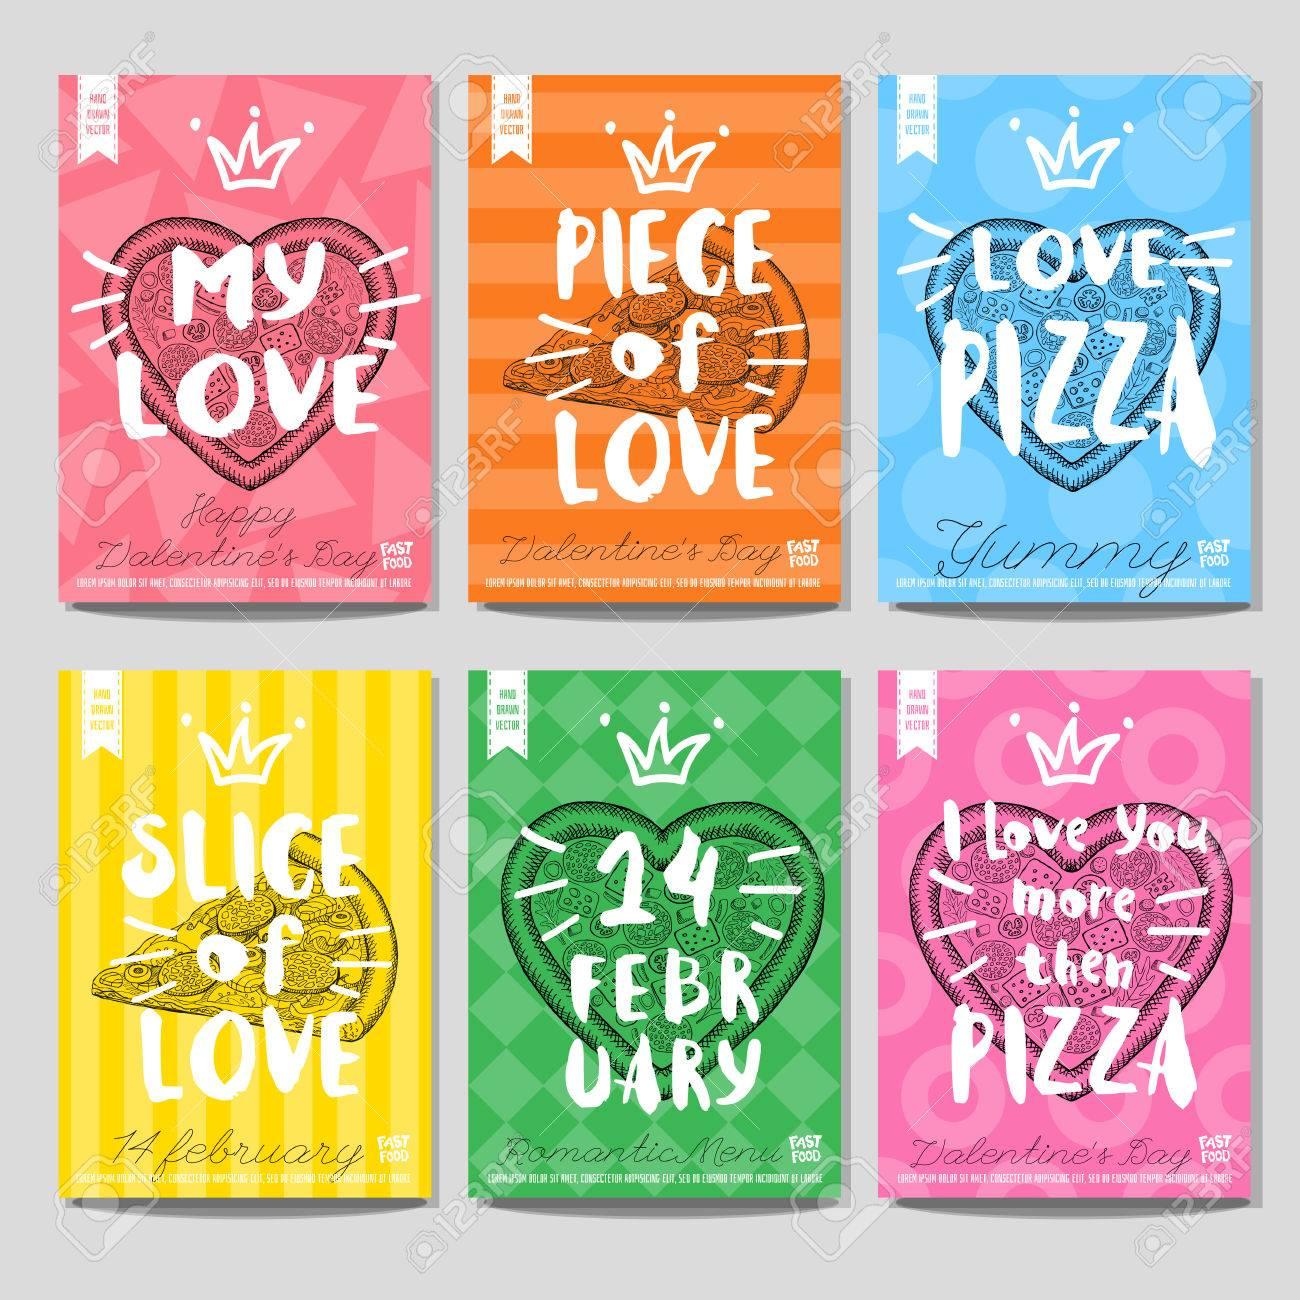 Conjunto De Colores Rápidos Posters De Alimentos Pizza Corazón